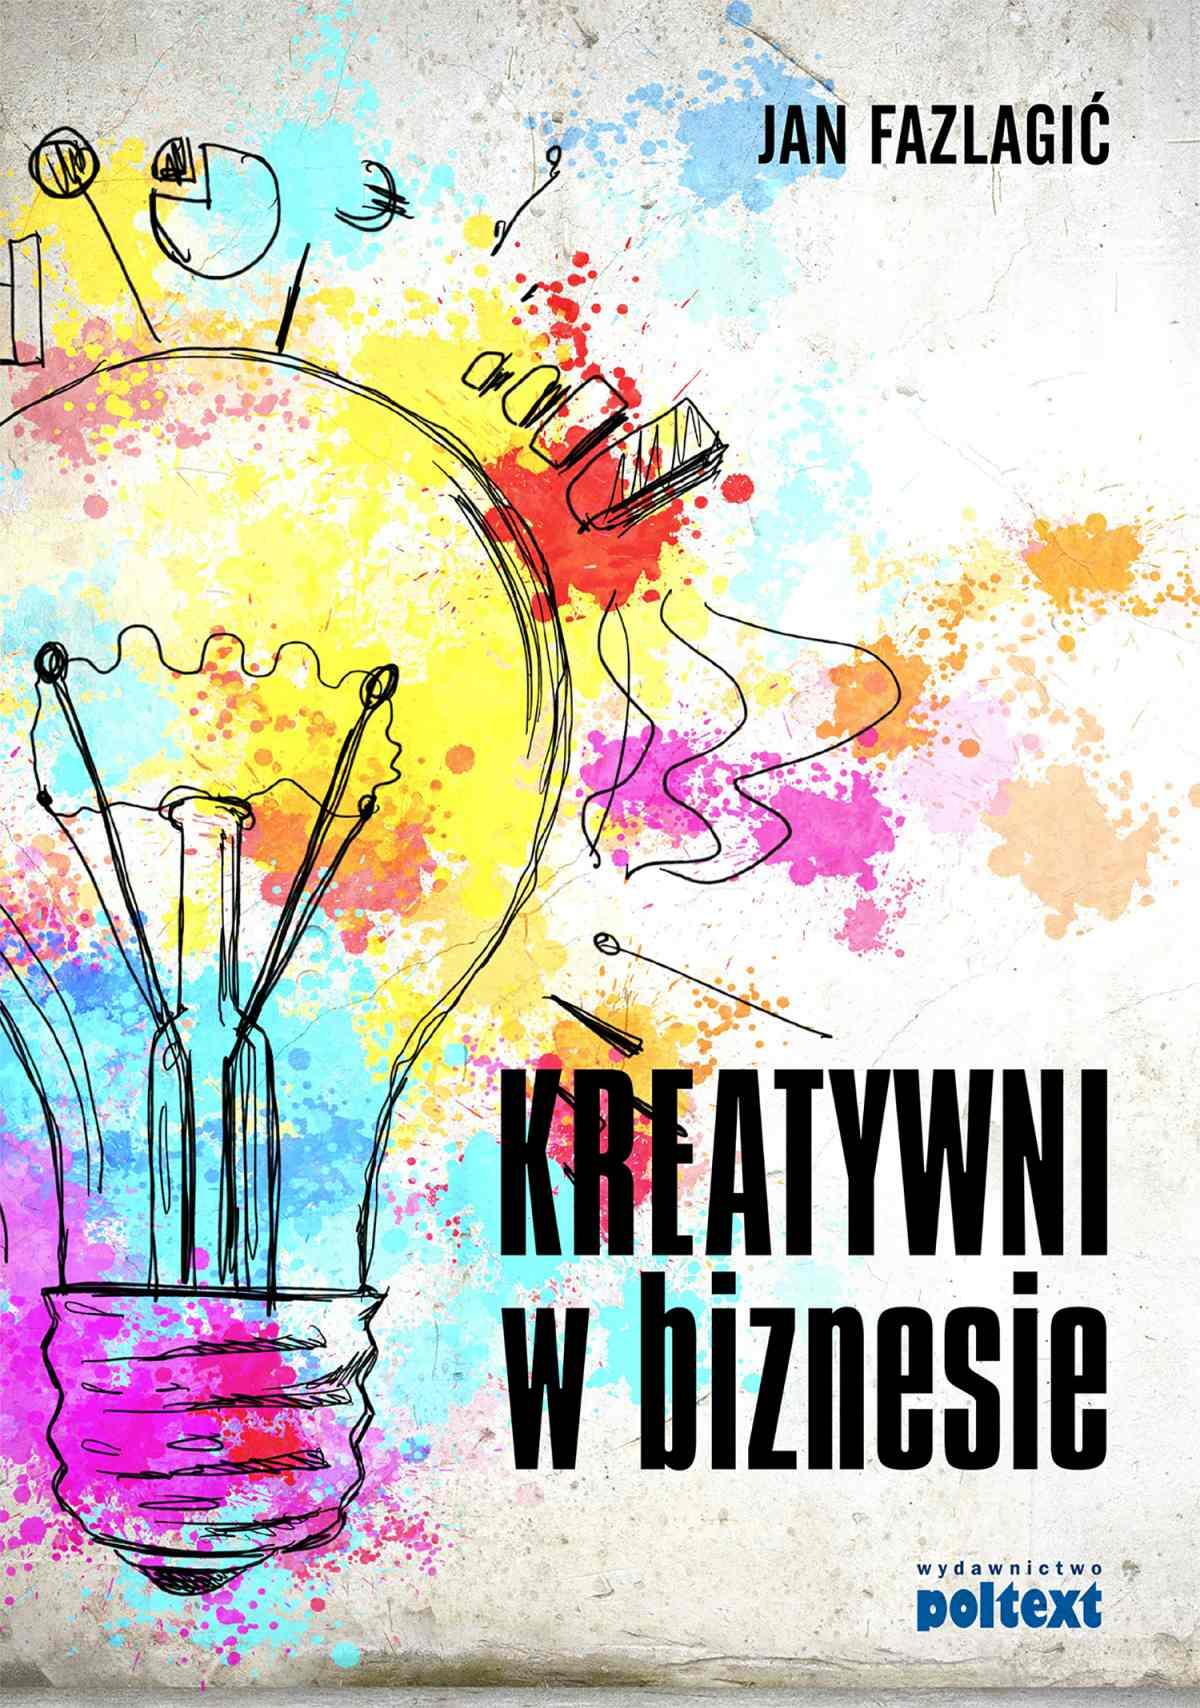 Kreatywni w biznesie - Ebook (Książka EPUB) do pobrania w formacie EPUB